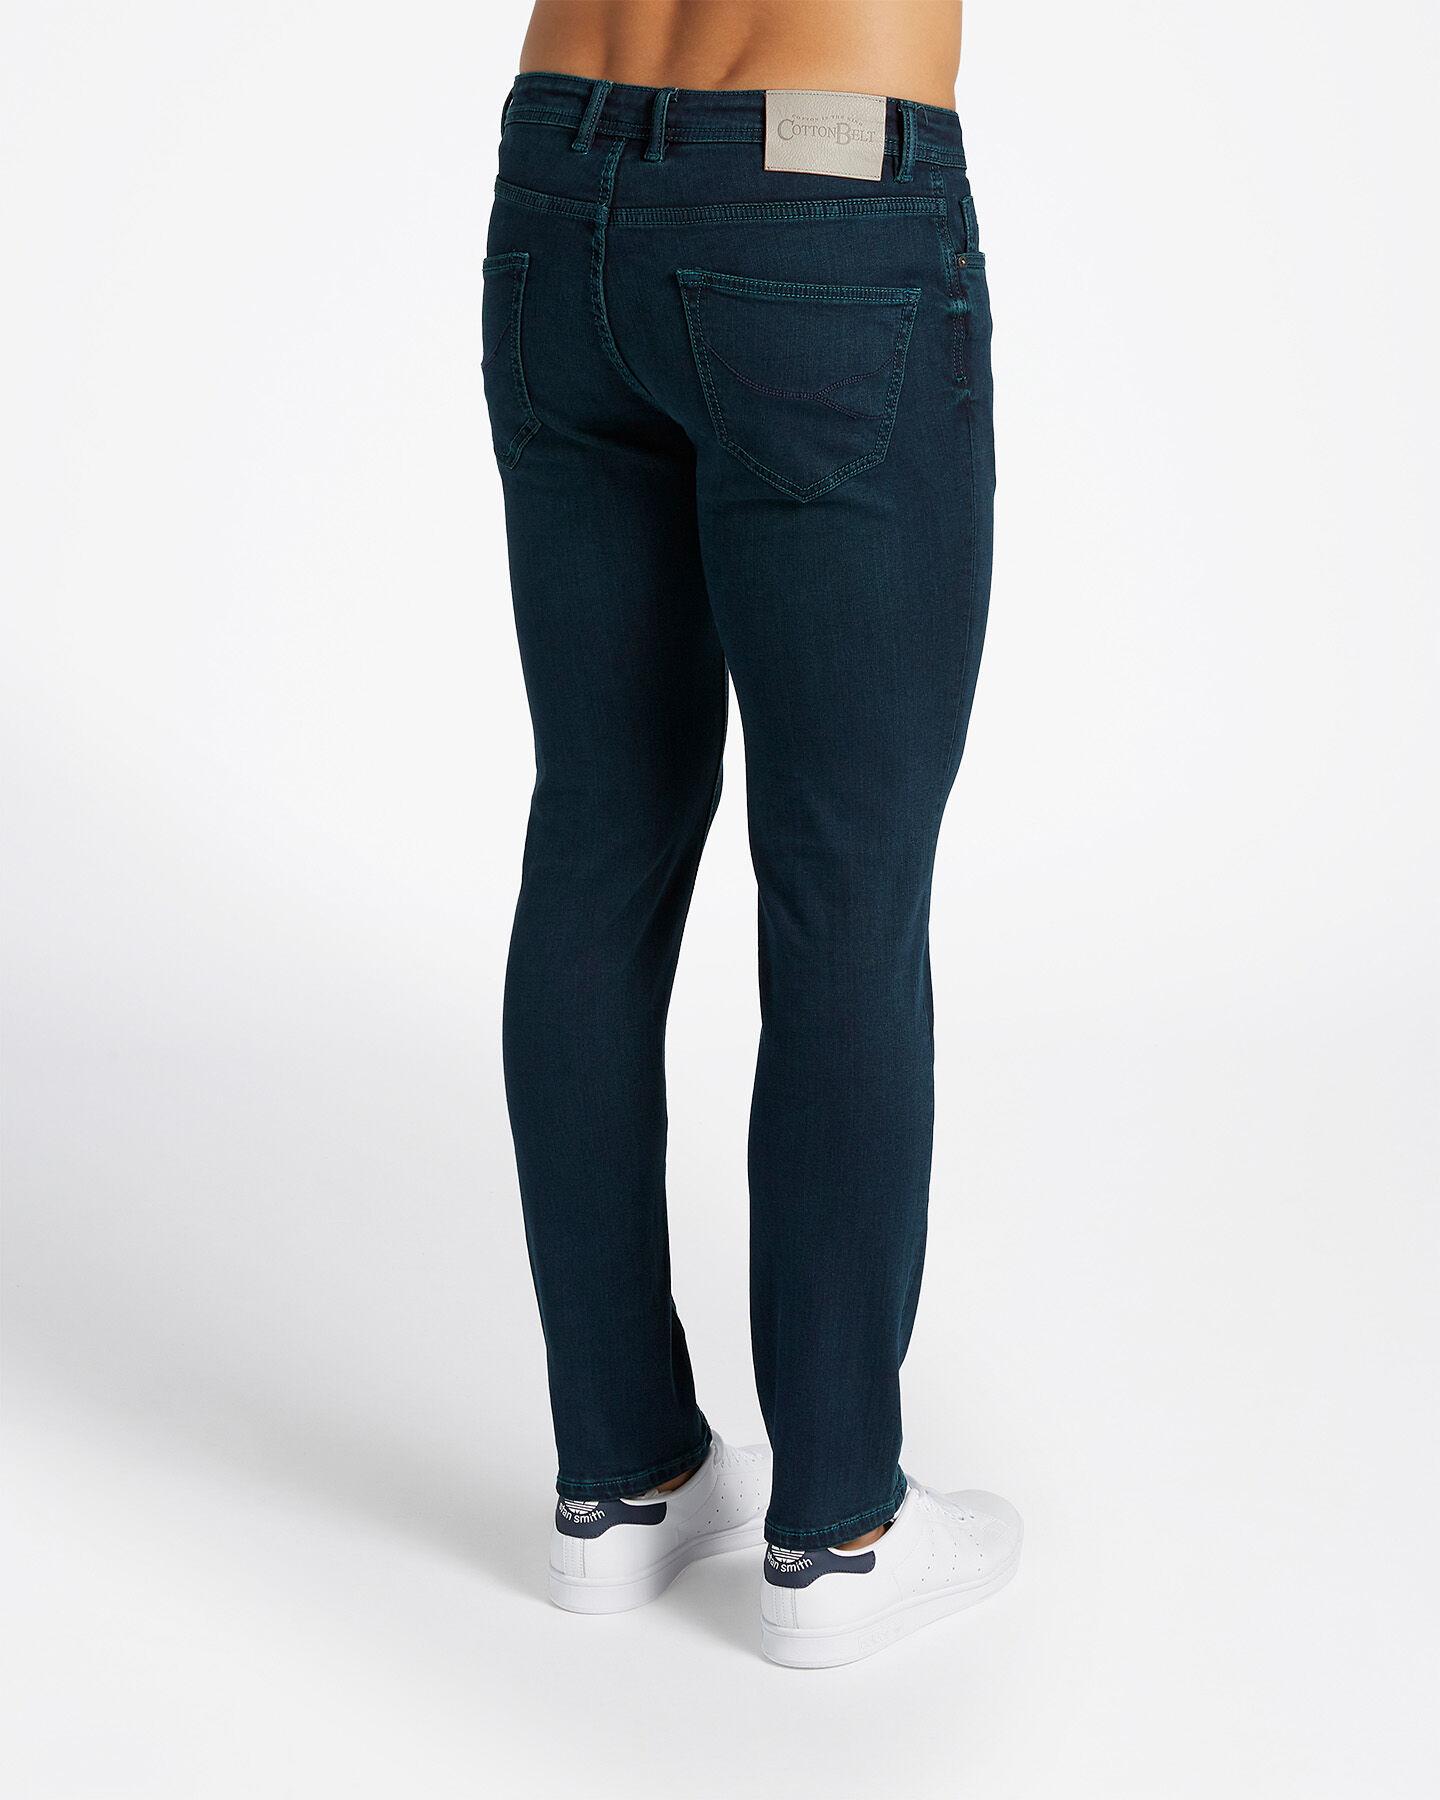 Jeans COTTON BELT CHANDLER SLIM M S4070911 scatto 1